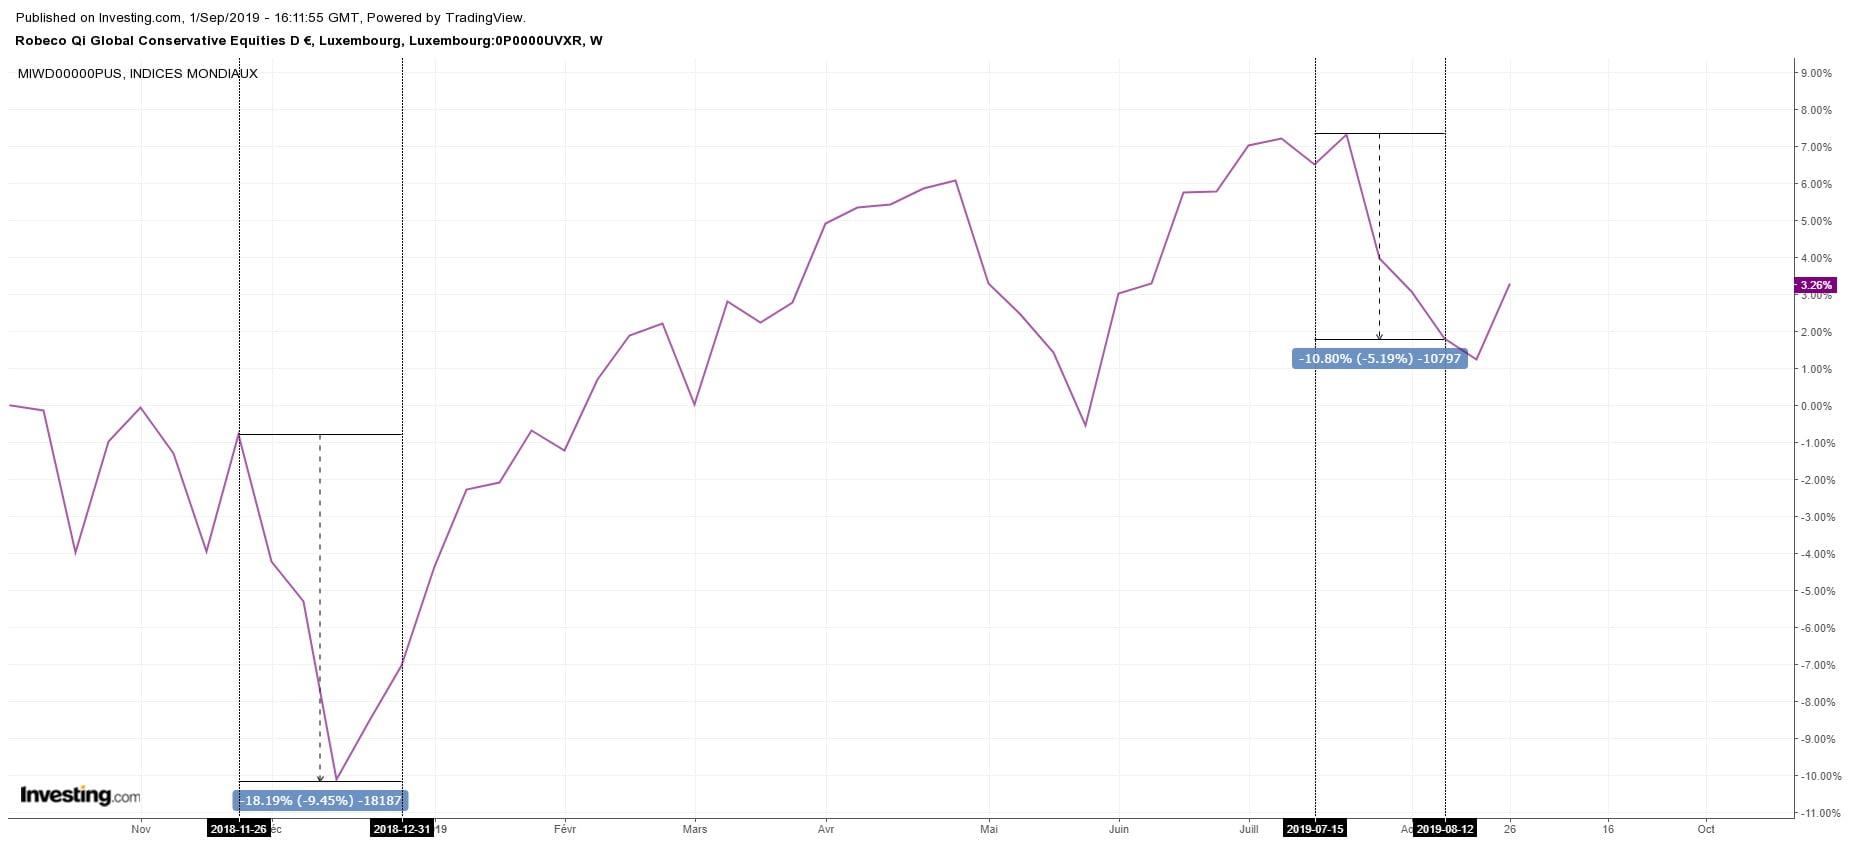 Analyse de l'indice ACWI pendant les phases baissières de 2018 et 2019